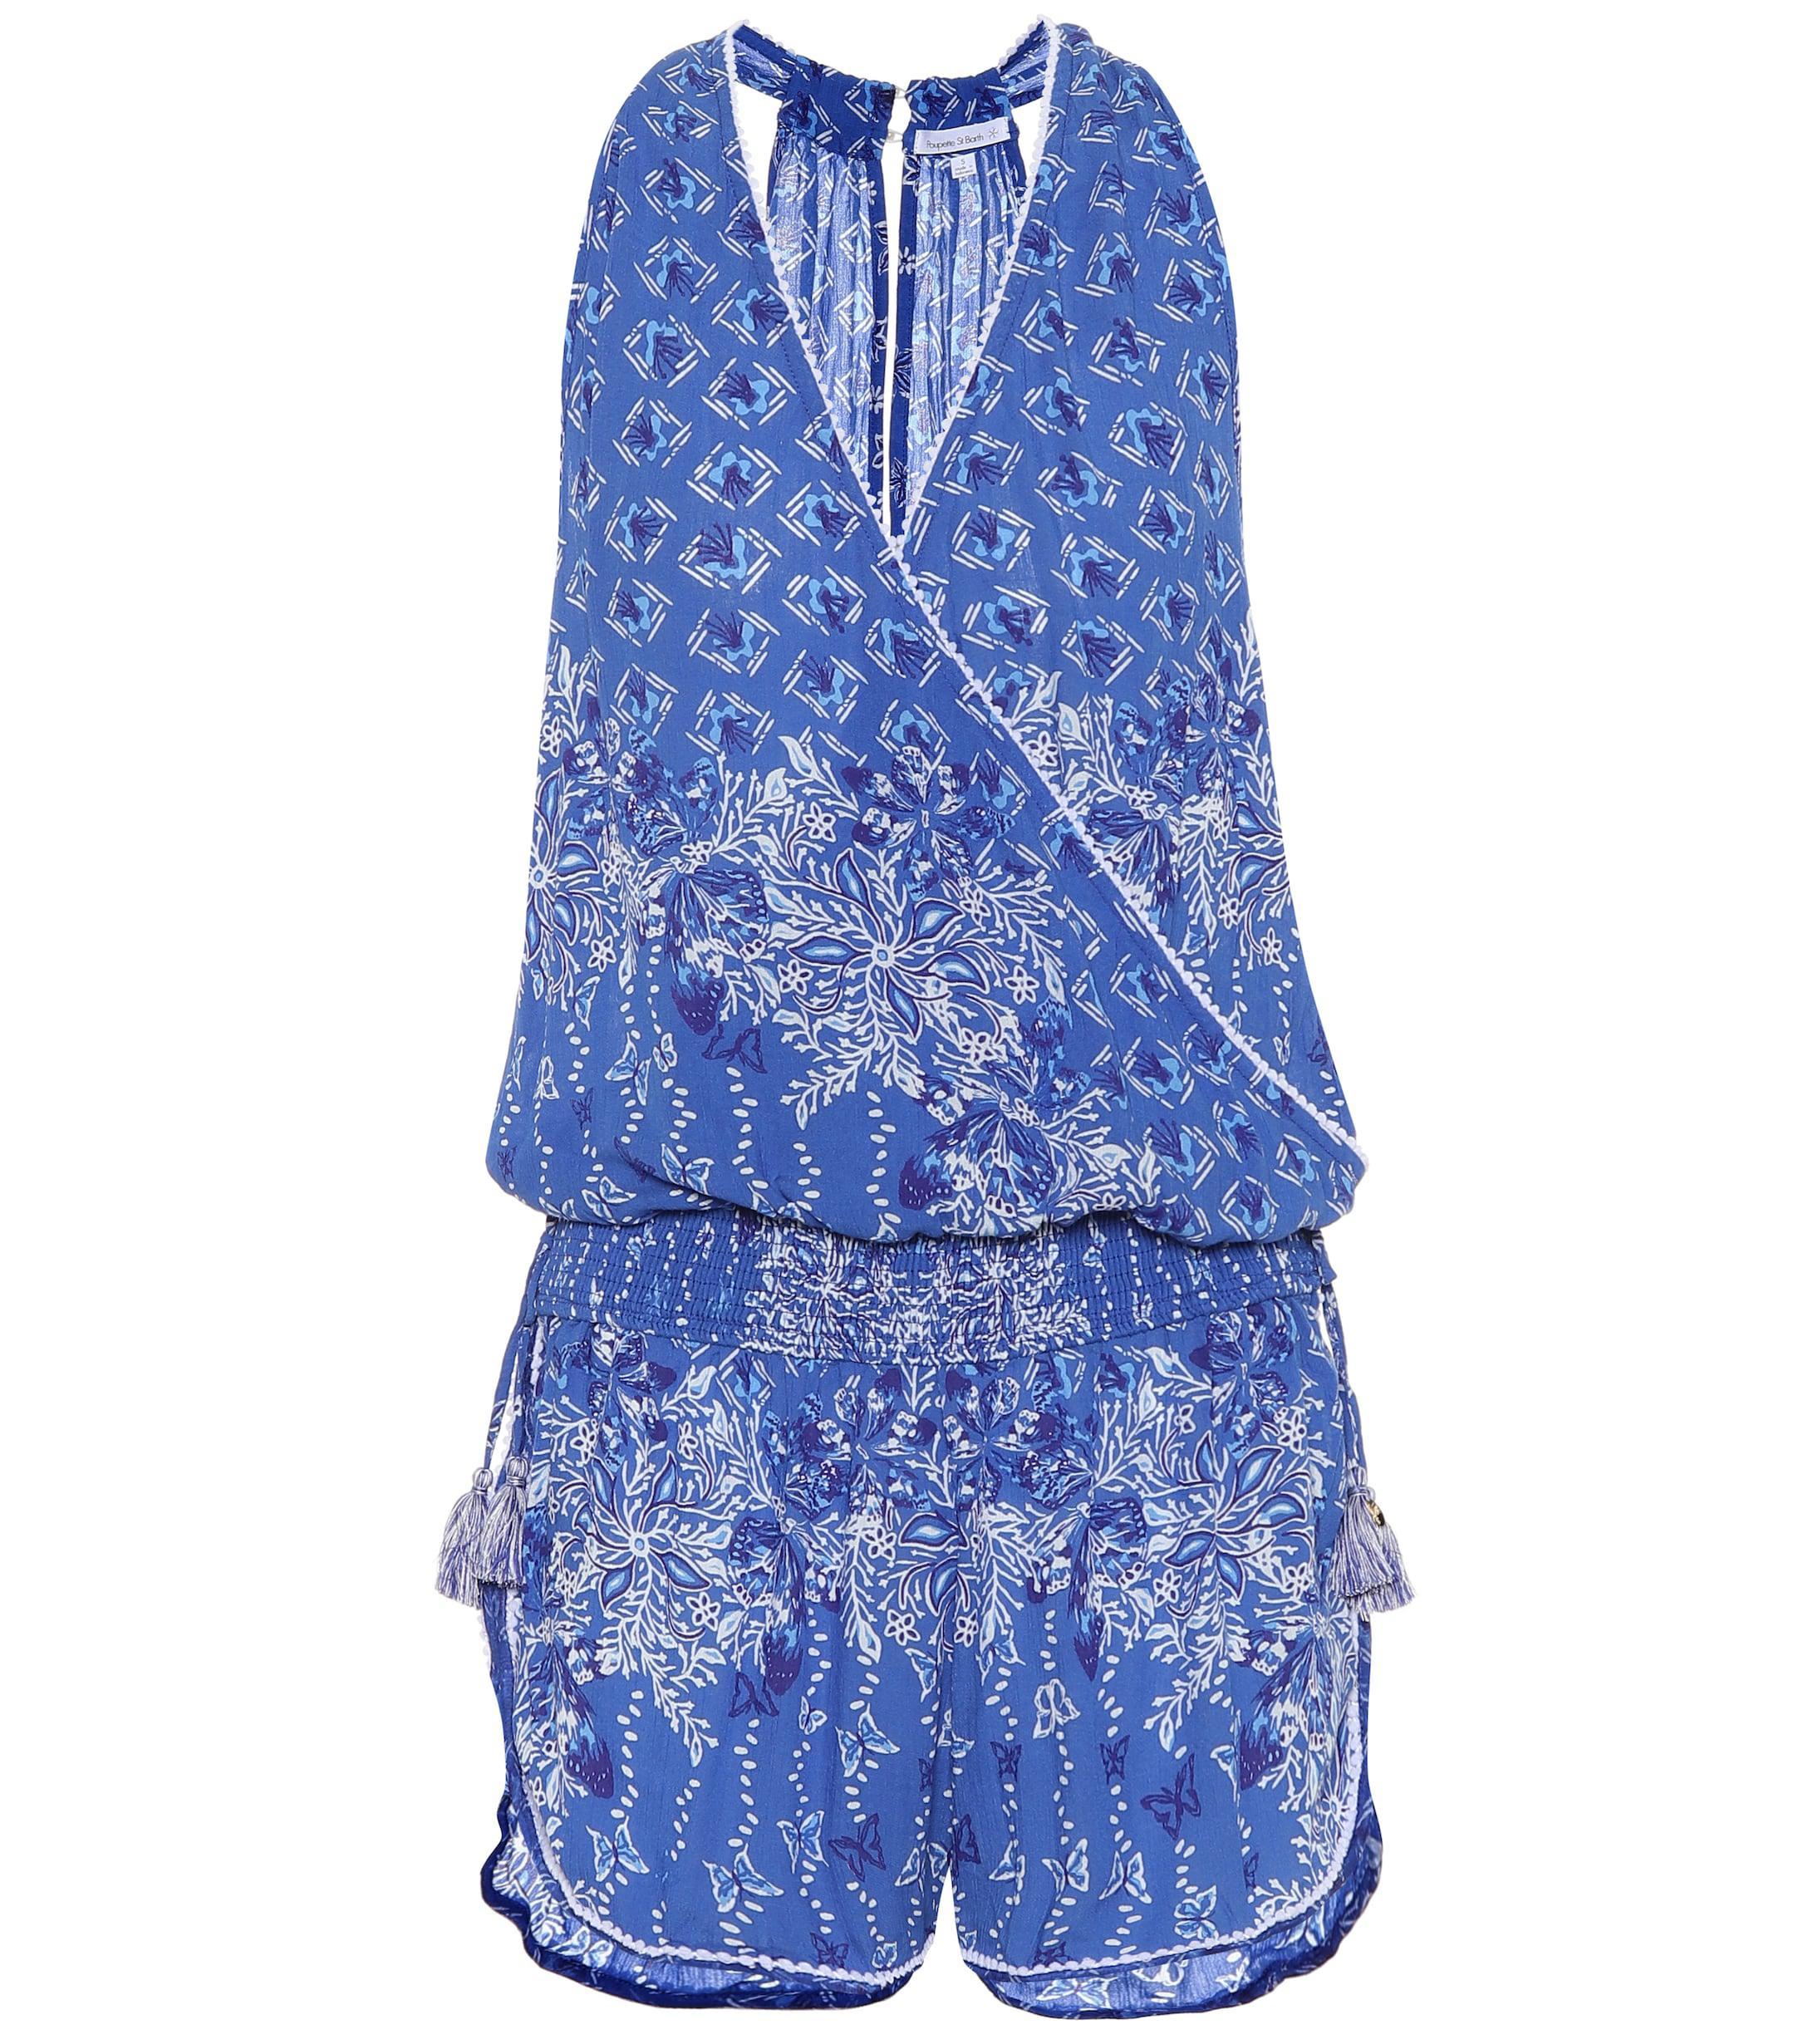 c316f3cc59cb Lyst - Poupette Elise Printed Playsuit in Blue